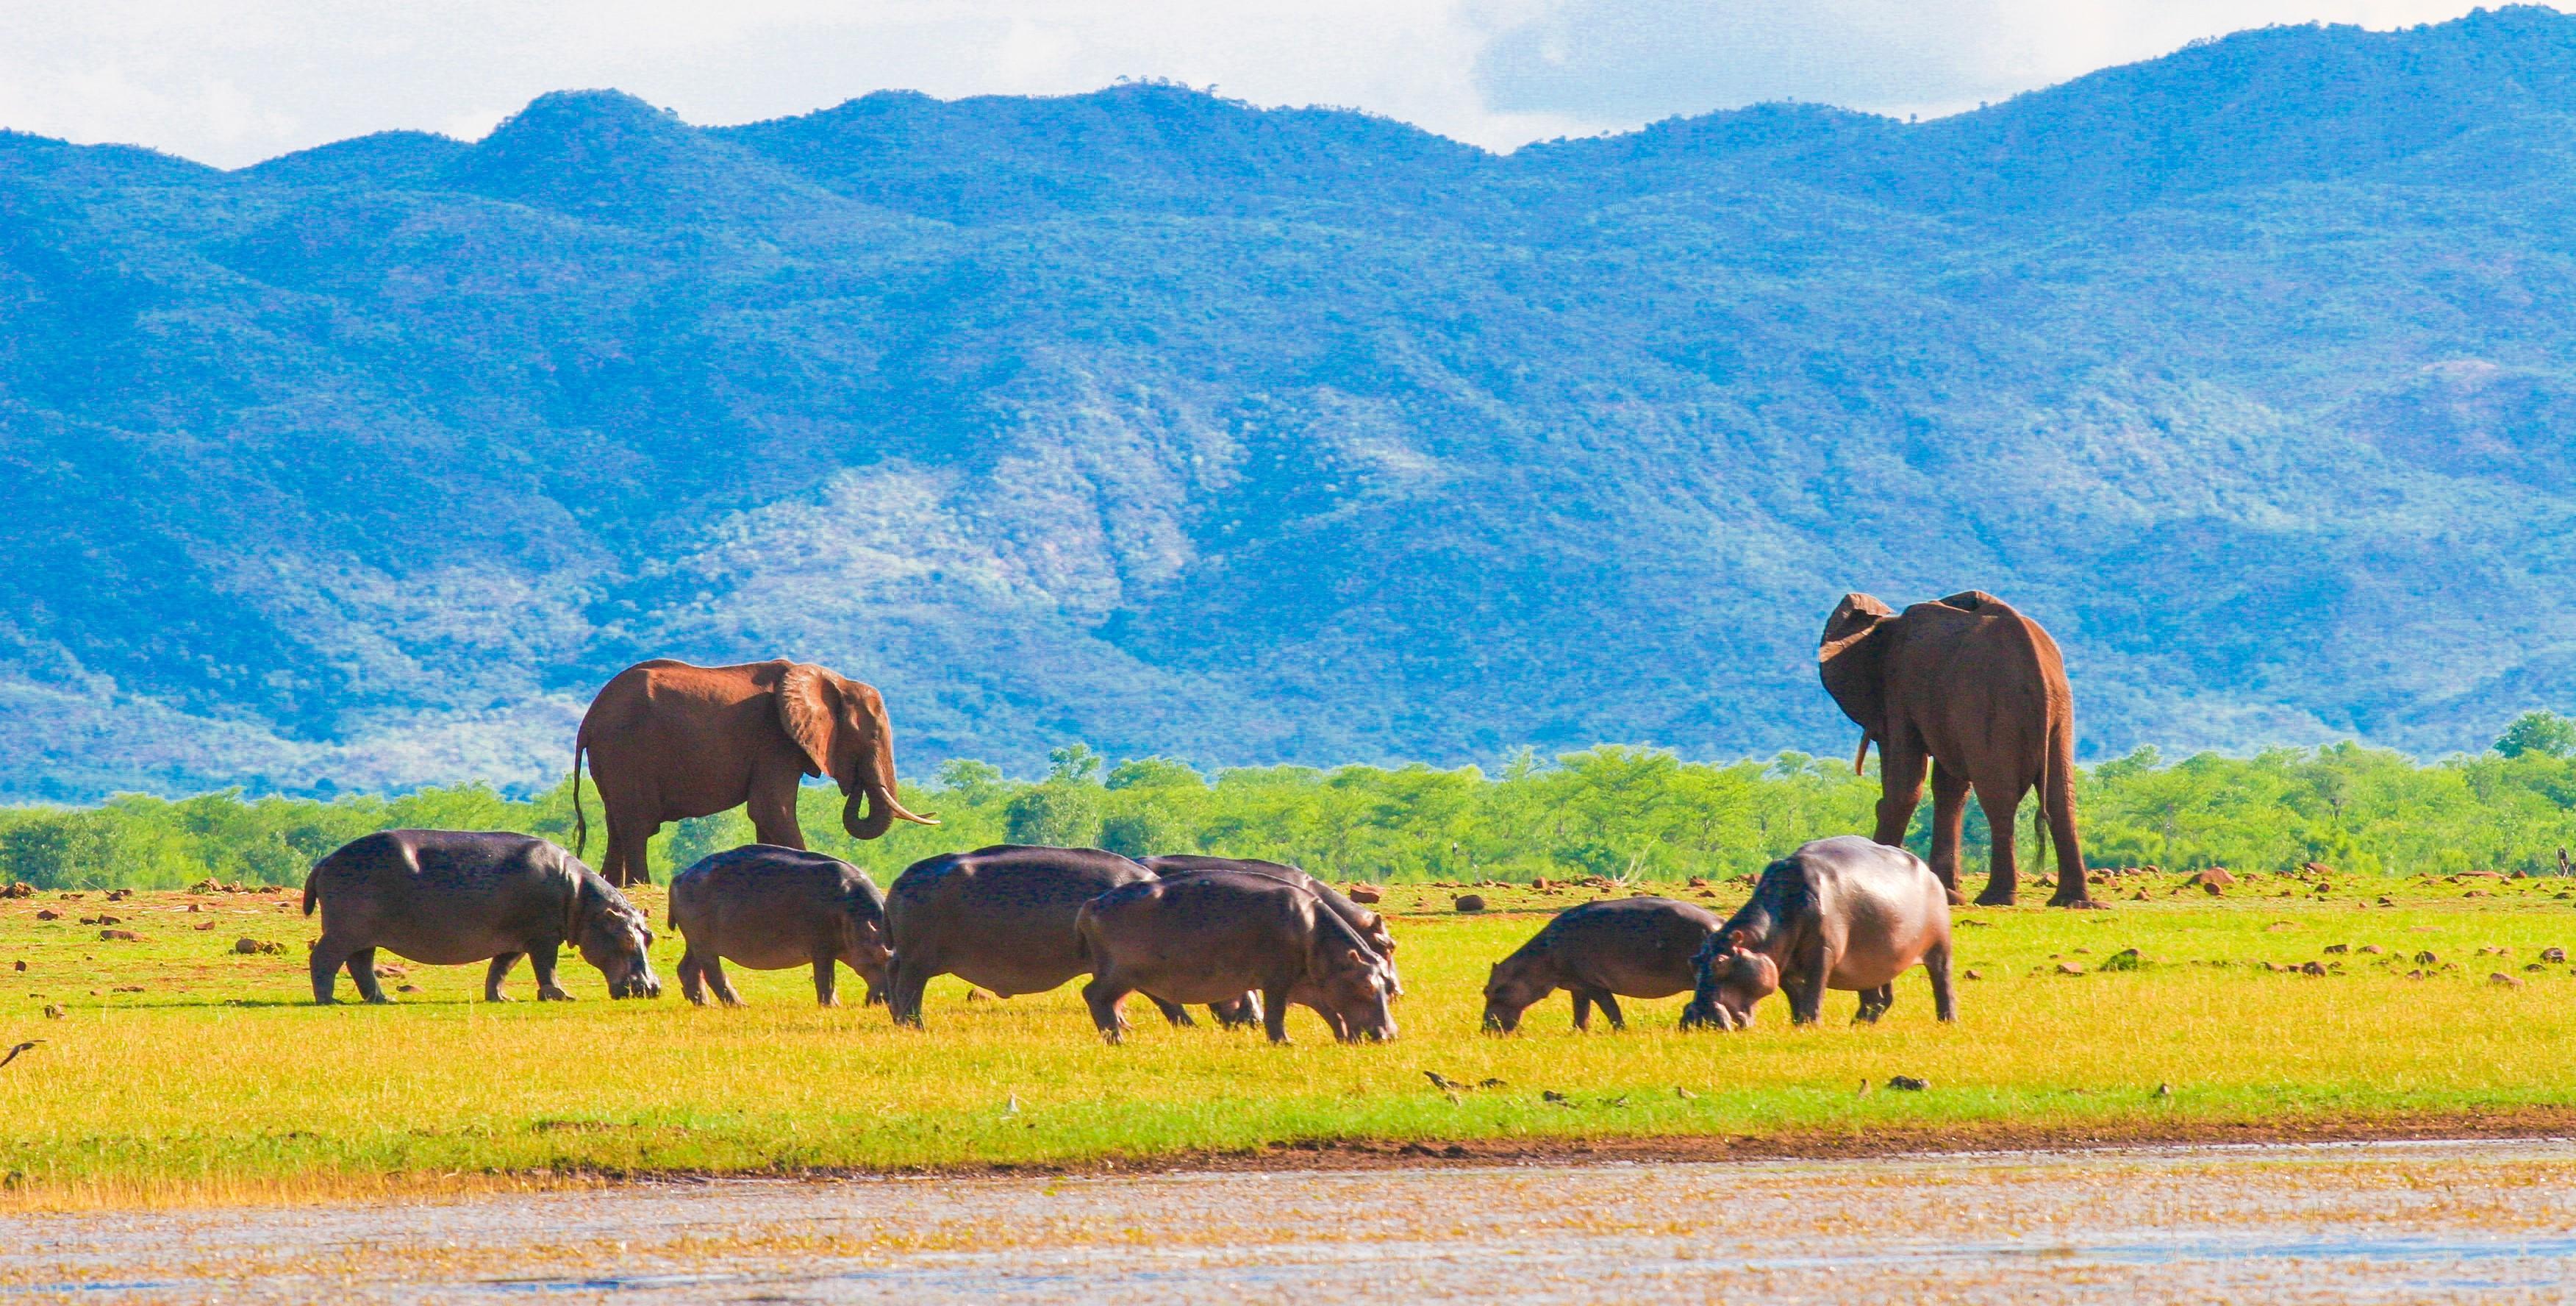 lake-kariba-zimbabwe-wildlife